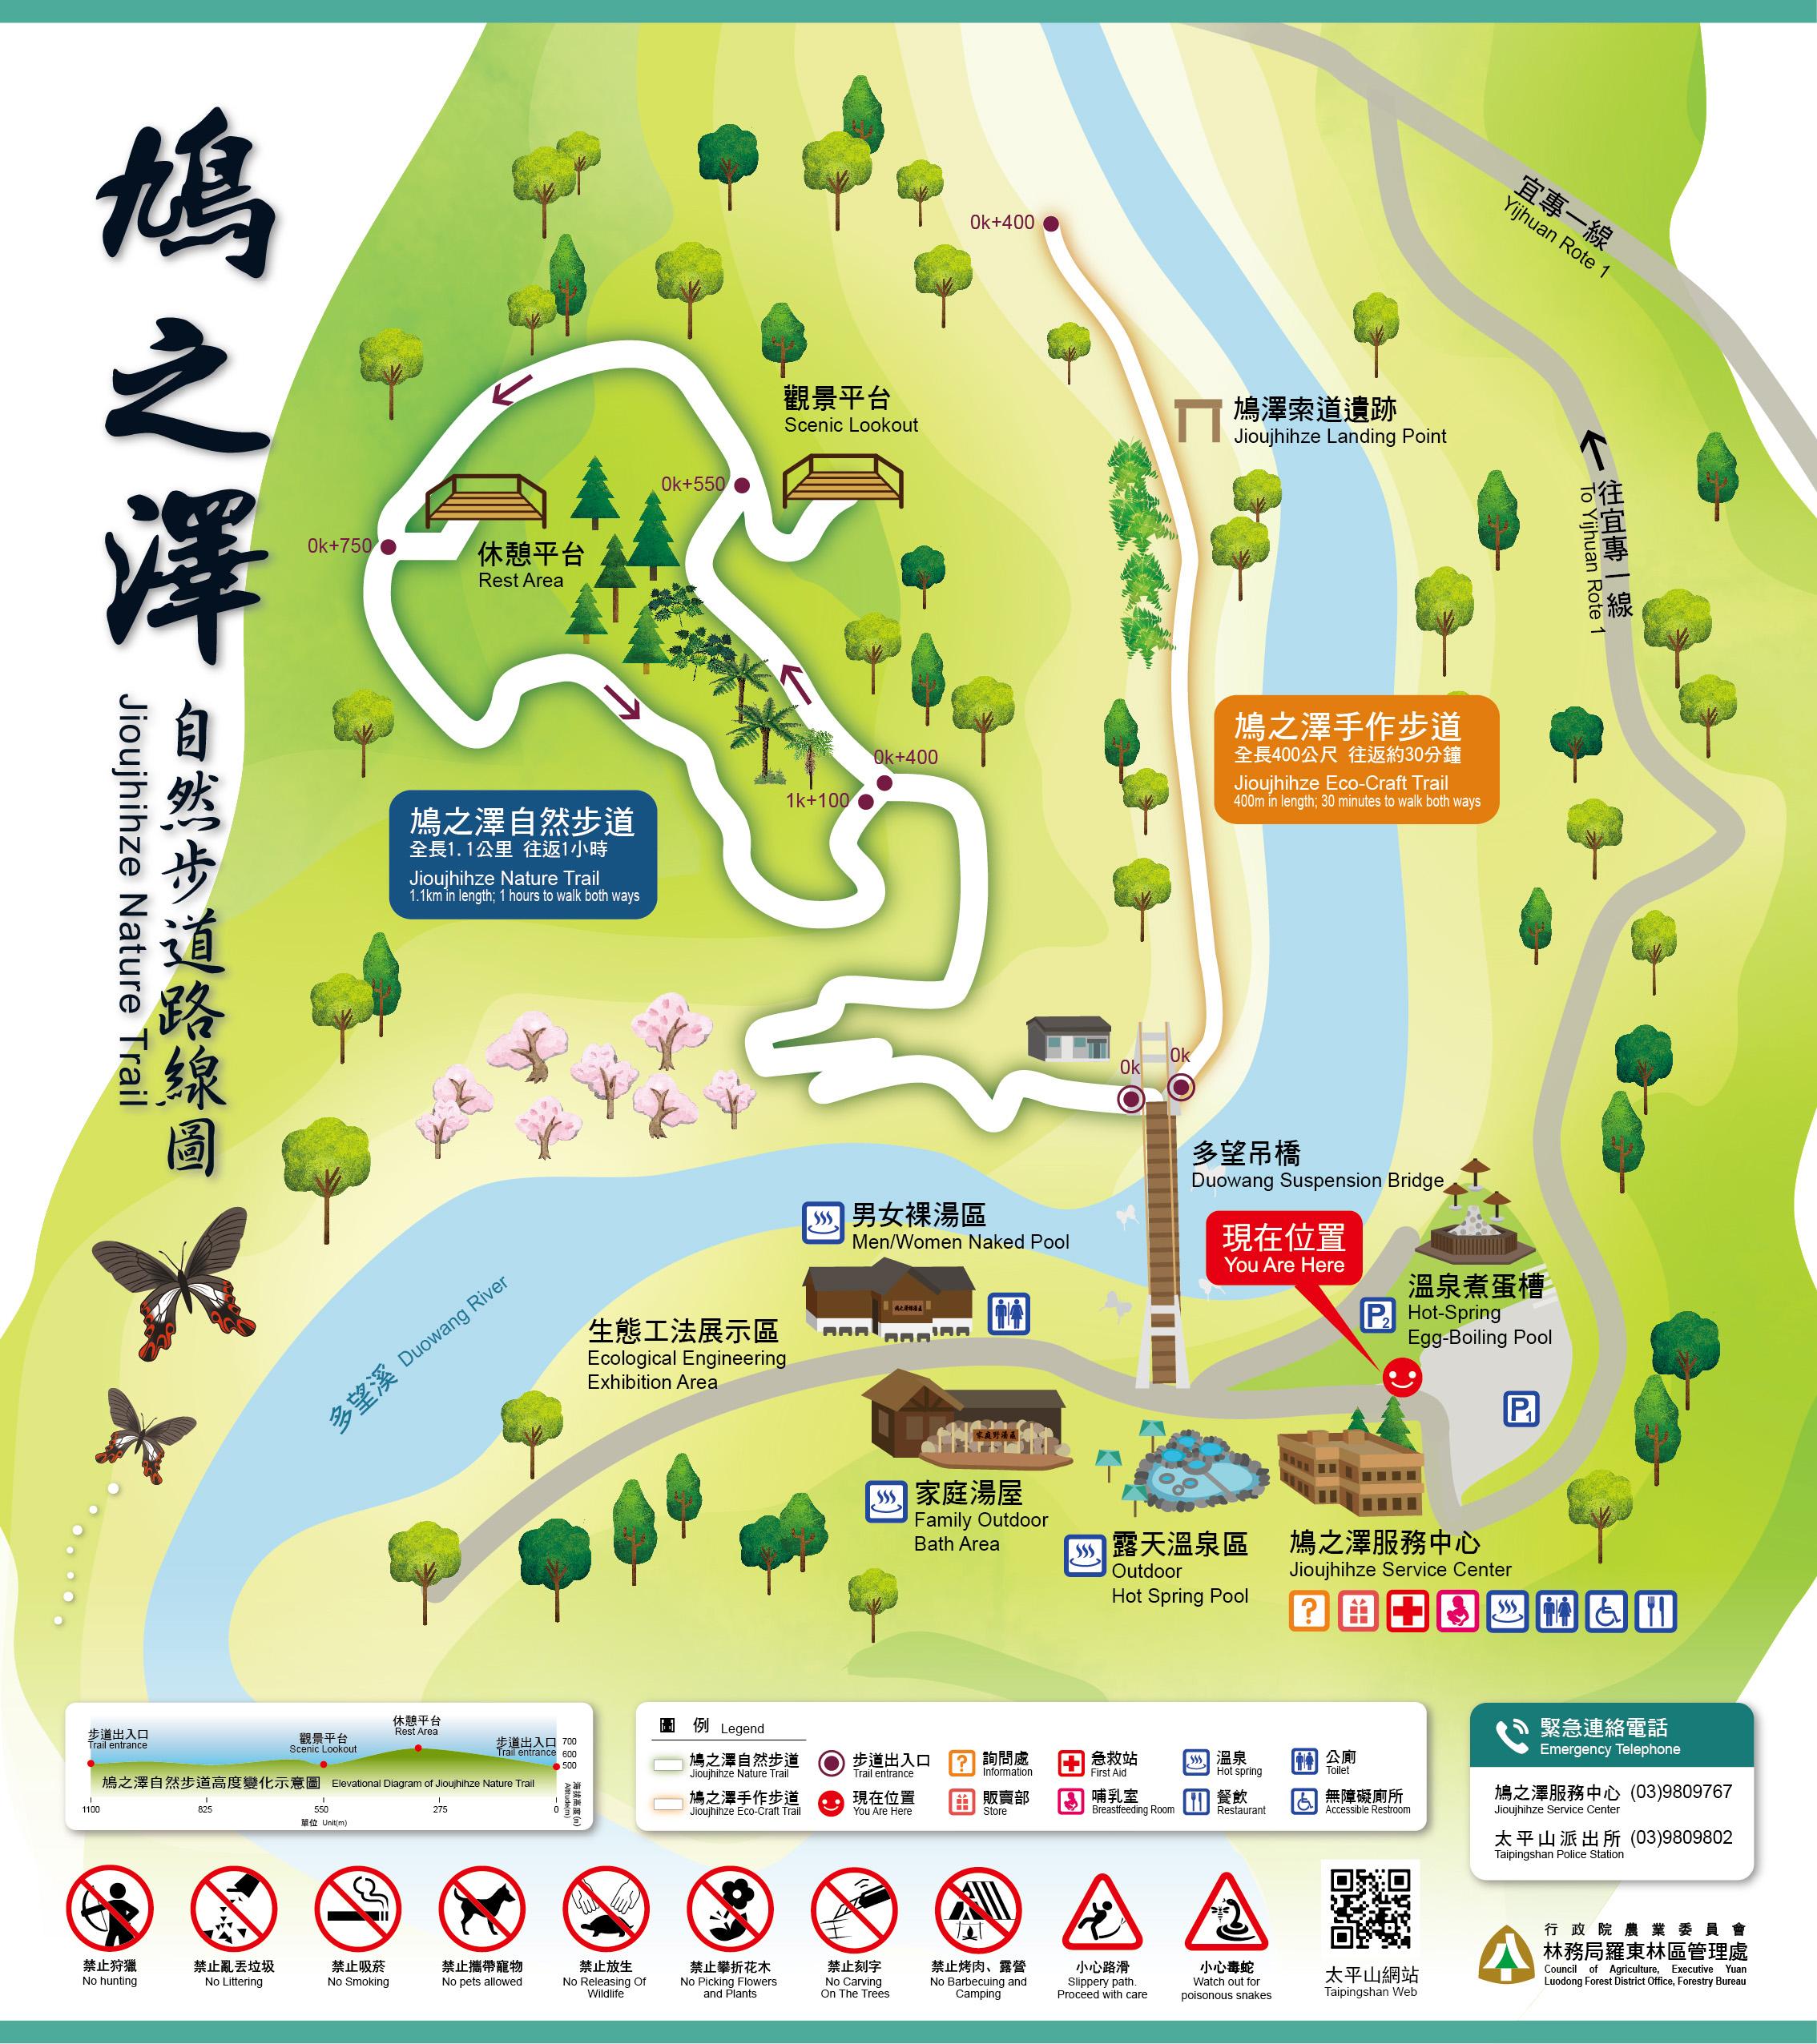 太平山一日遊|走訪雨天也美的見晴懷古步道 泡湯首選鳩之澤溫泉